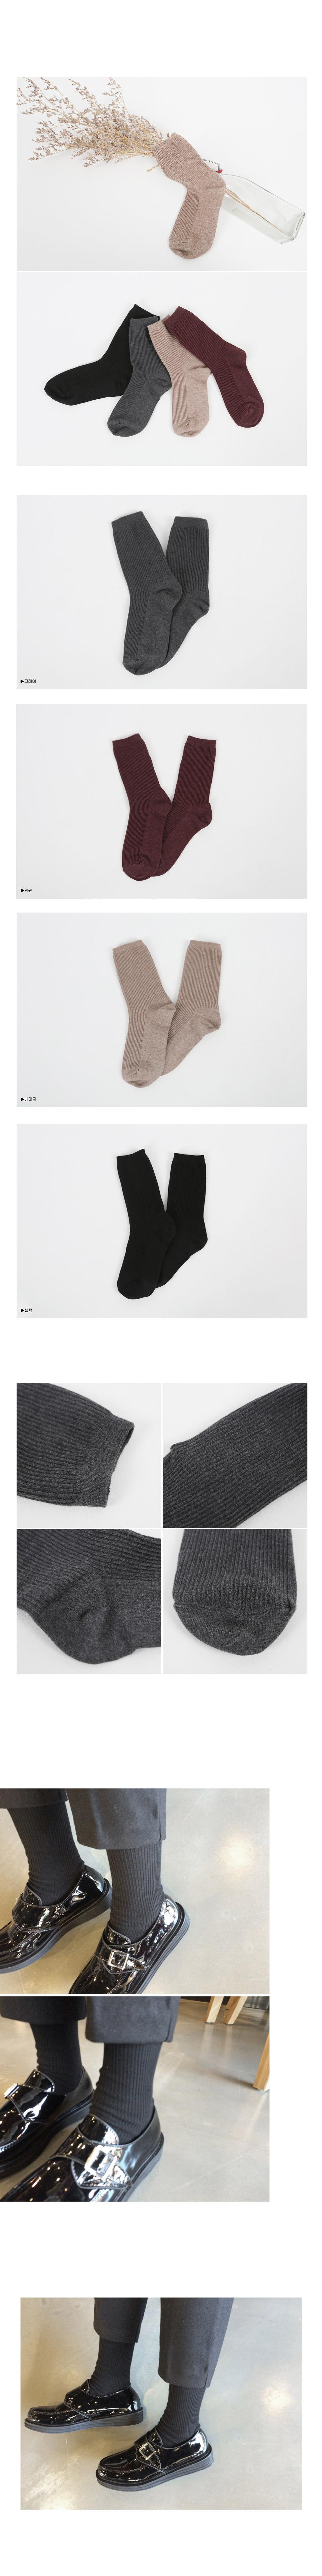 Ribbed Socks Socks